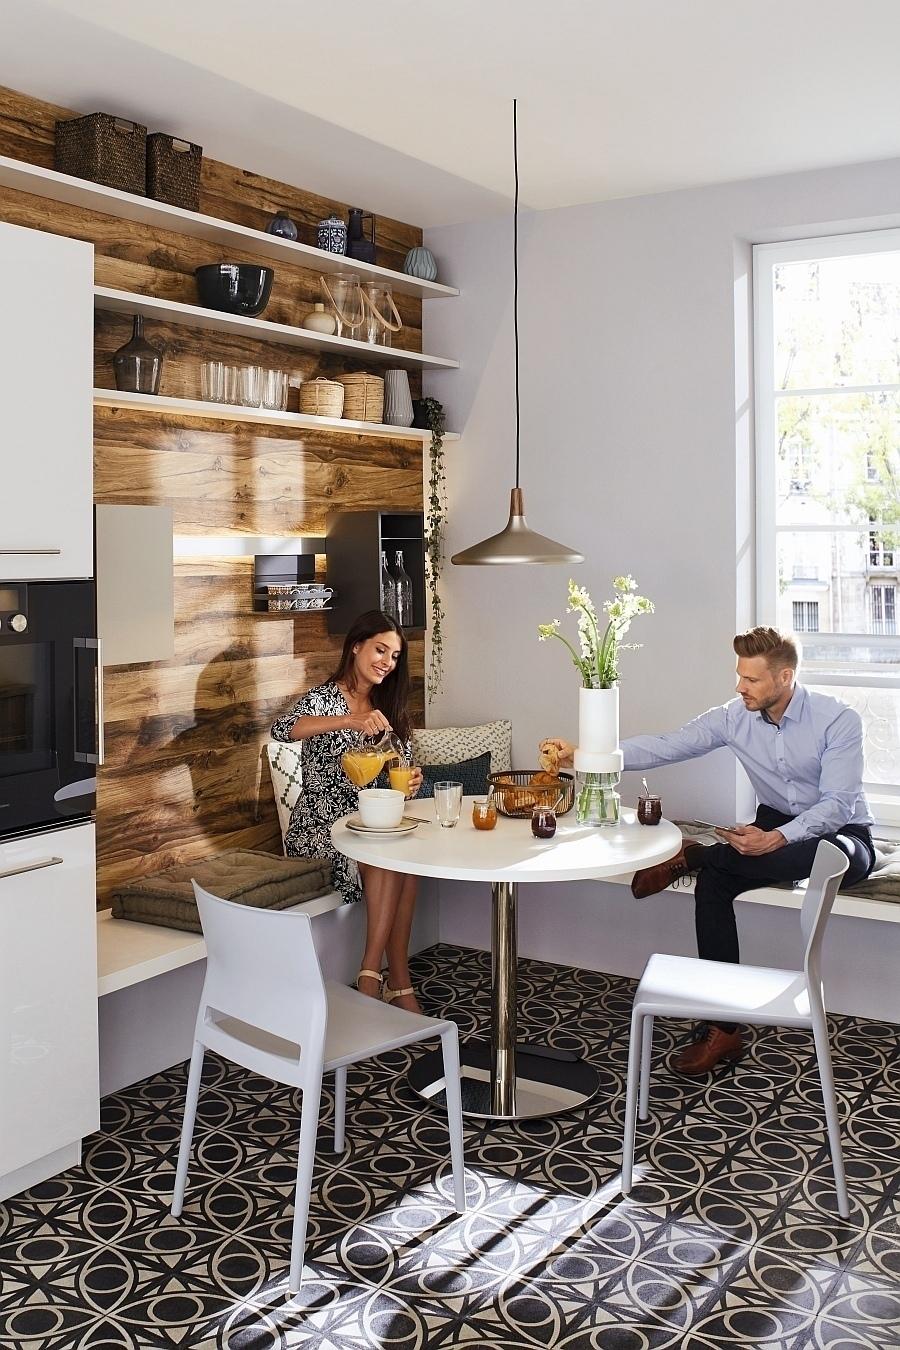 Küchen mit Pfiff - Küchenplanung, Küchenumbau, Küchenrenovierung